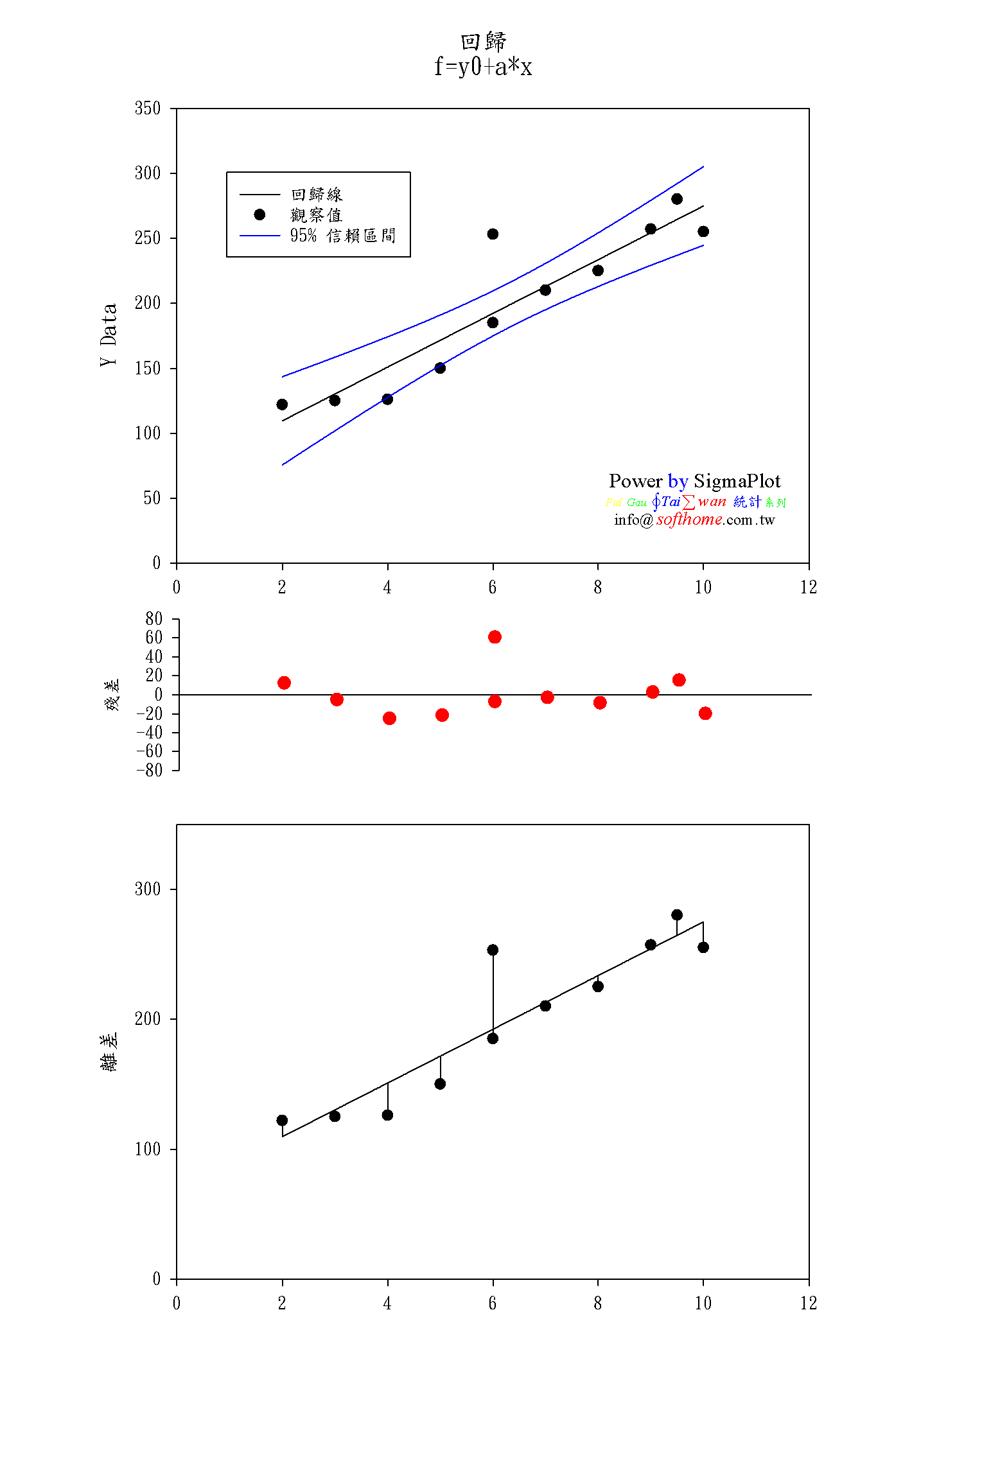 統計回歸 特色是 1. 將殘差獨立畫出來 2. 將殘差與回歸線畫出來